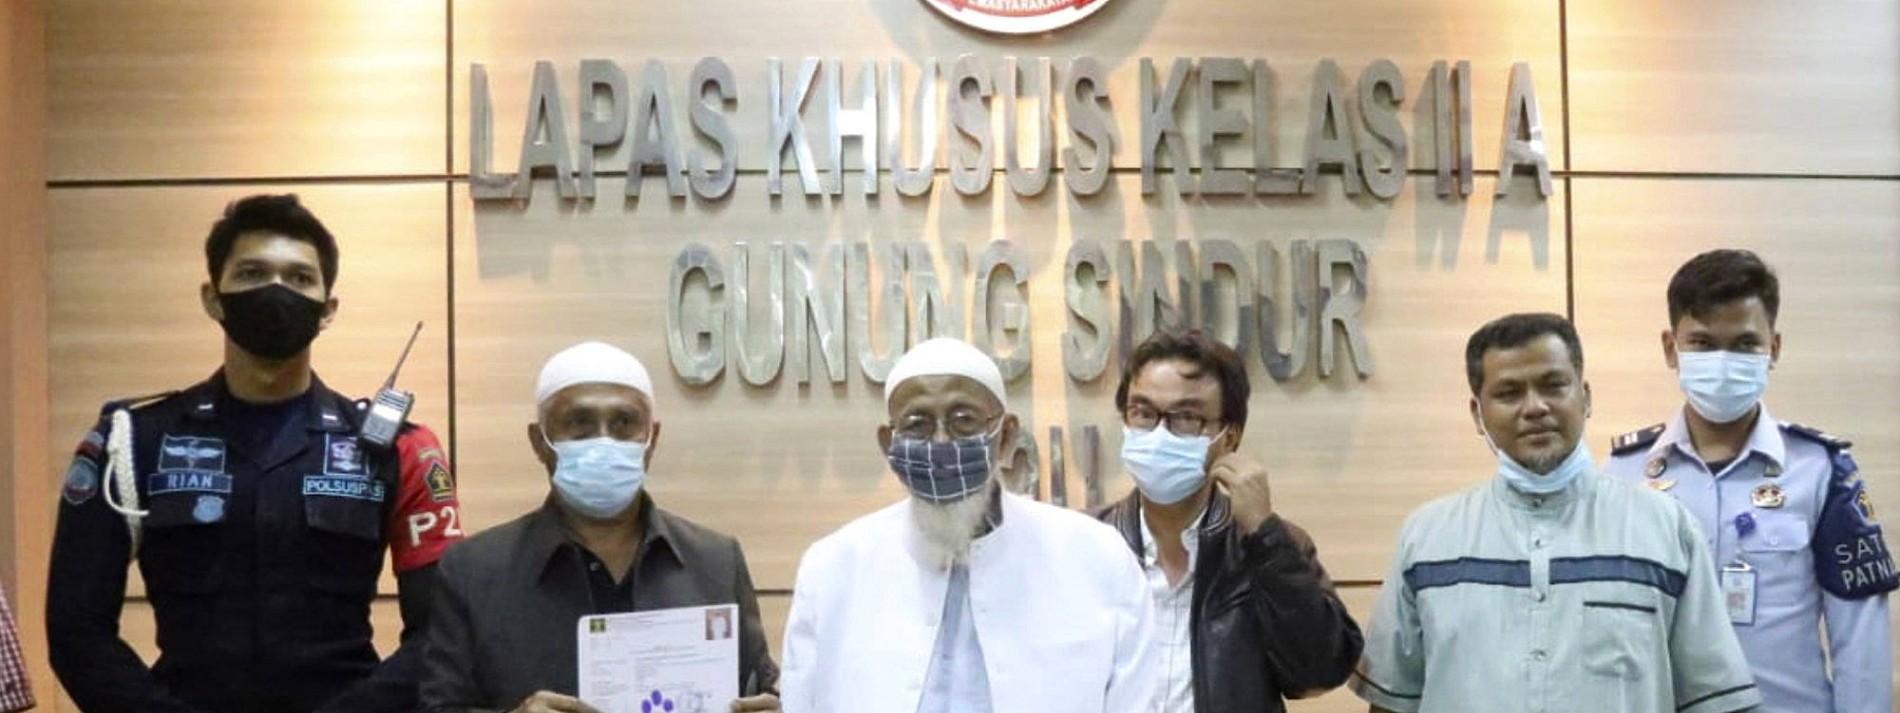 Indonesien lässt Hintermann der Bali-Anschläge frei